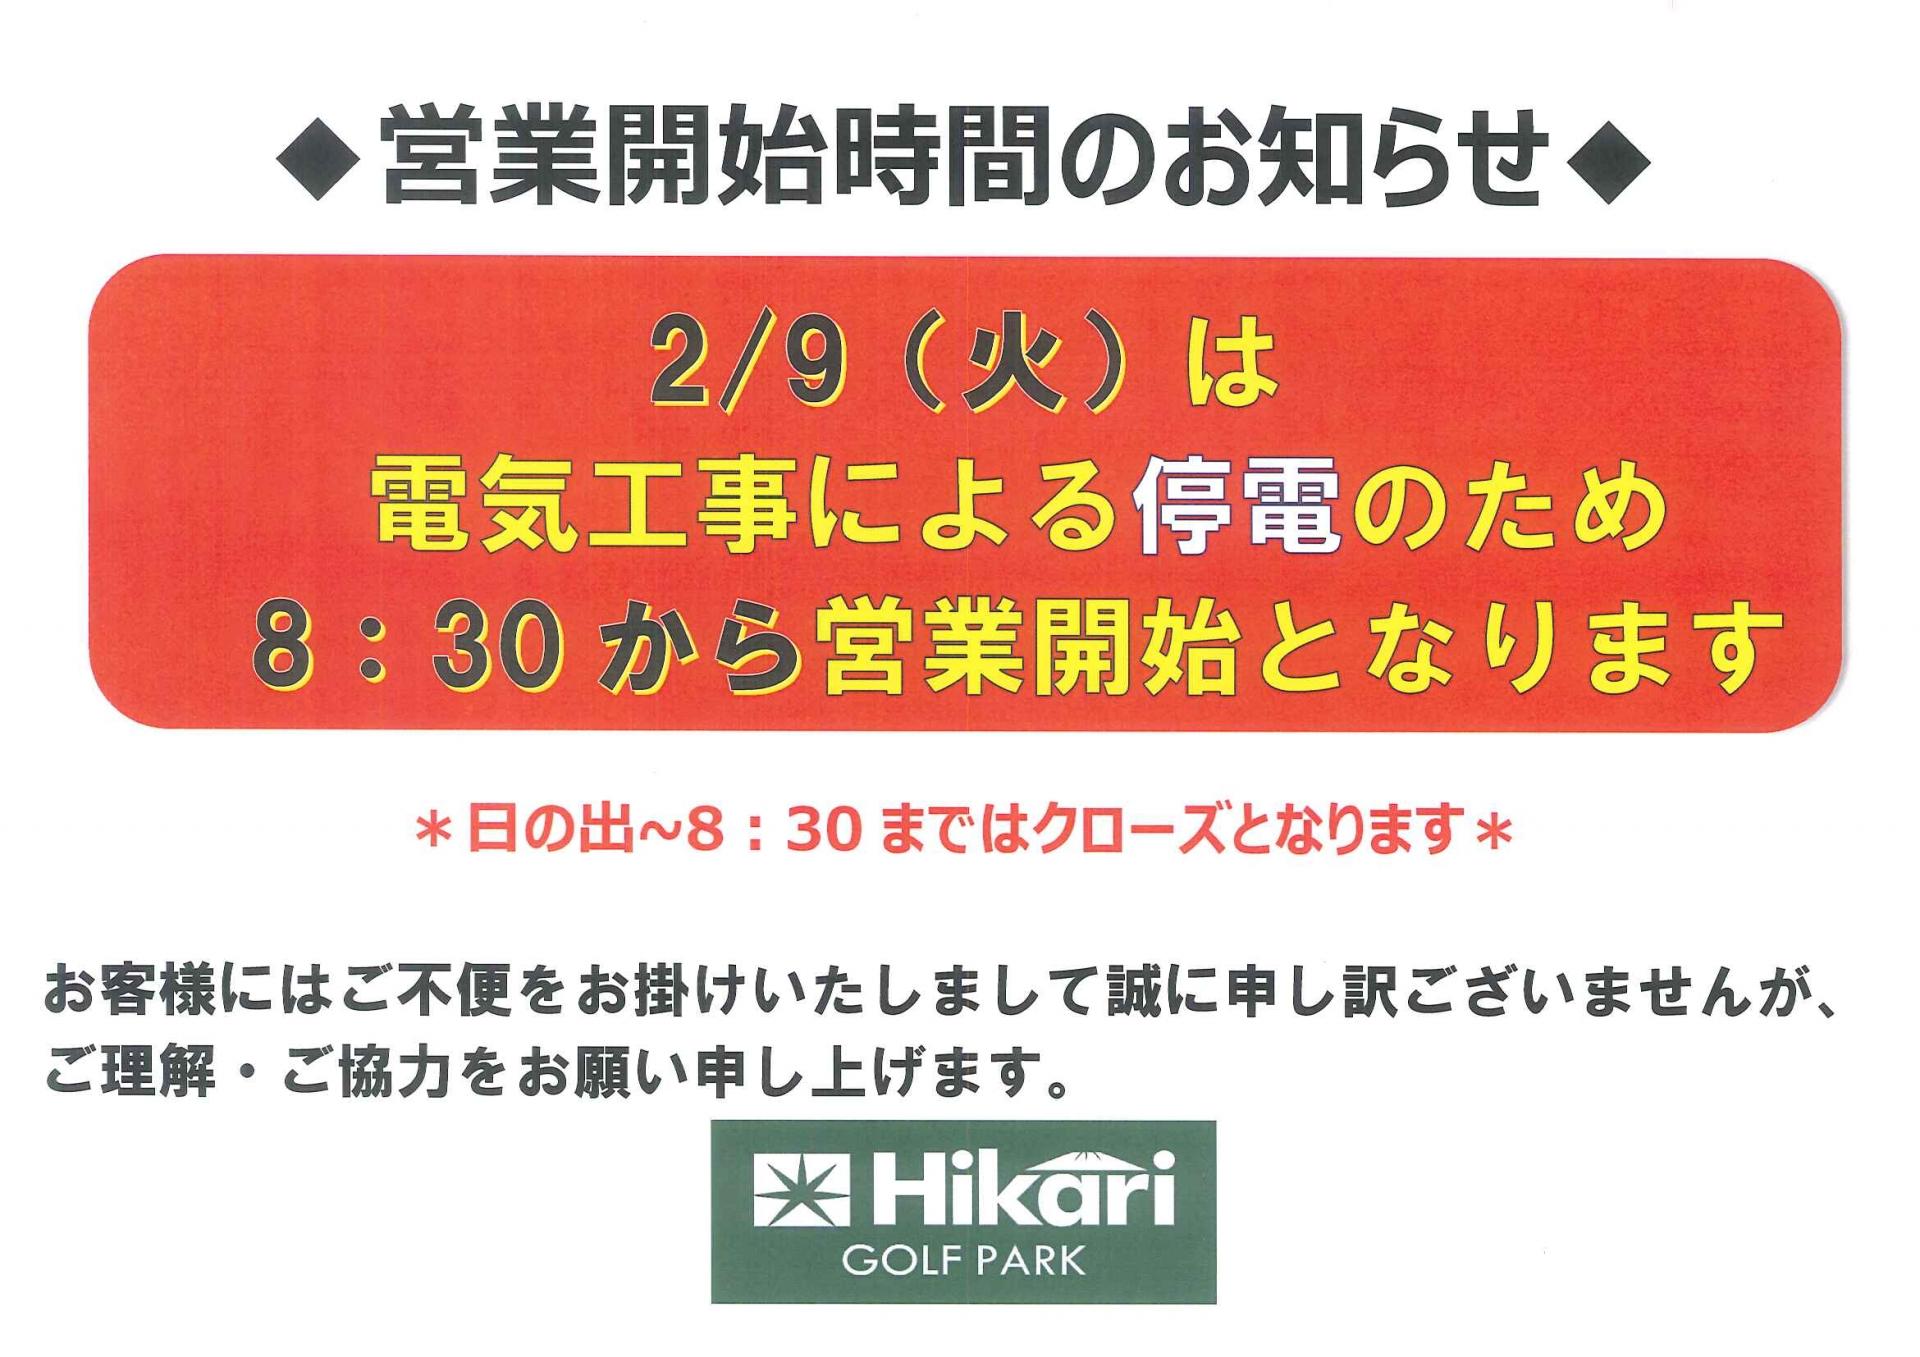 2/9(火)の営業開始時間のお知らせ